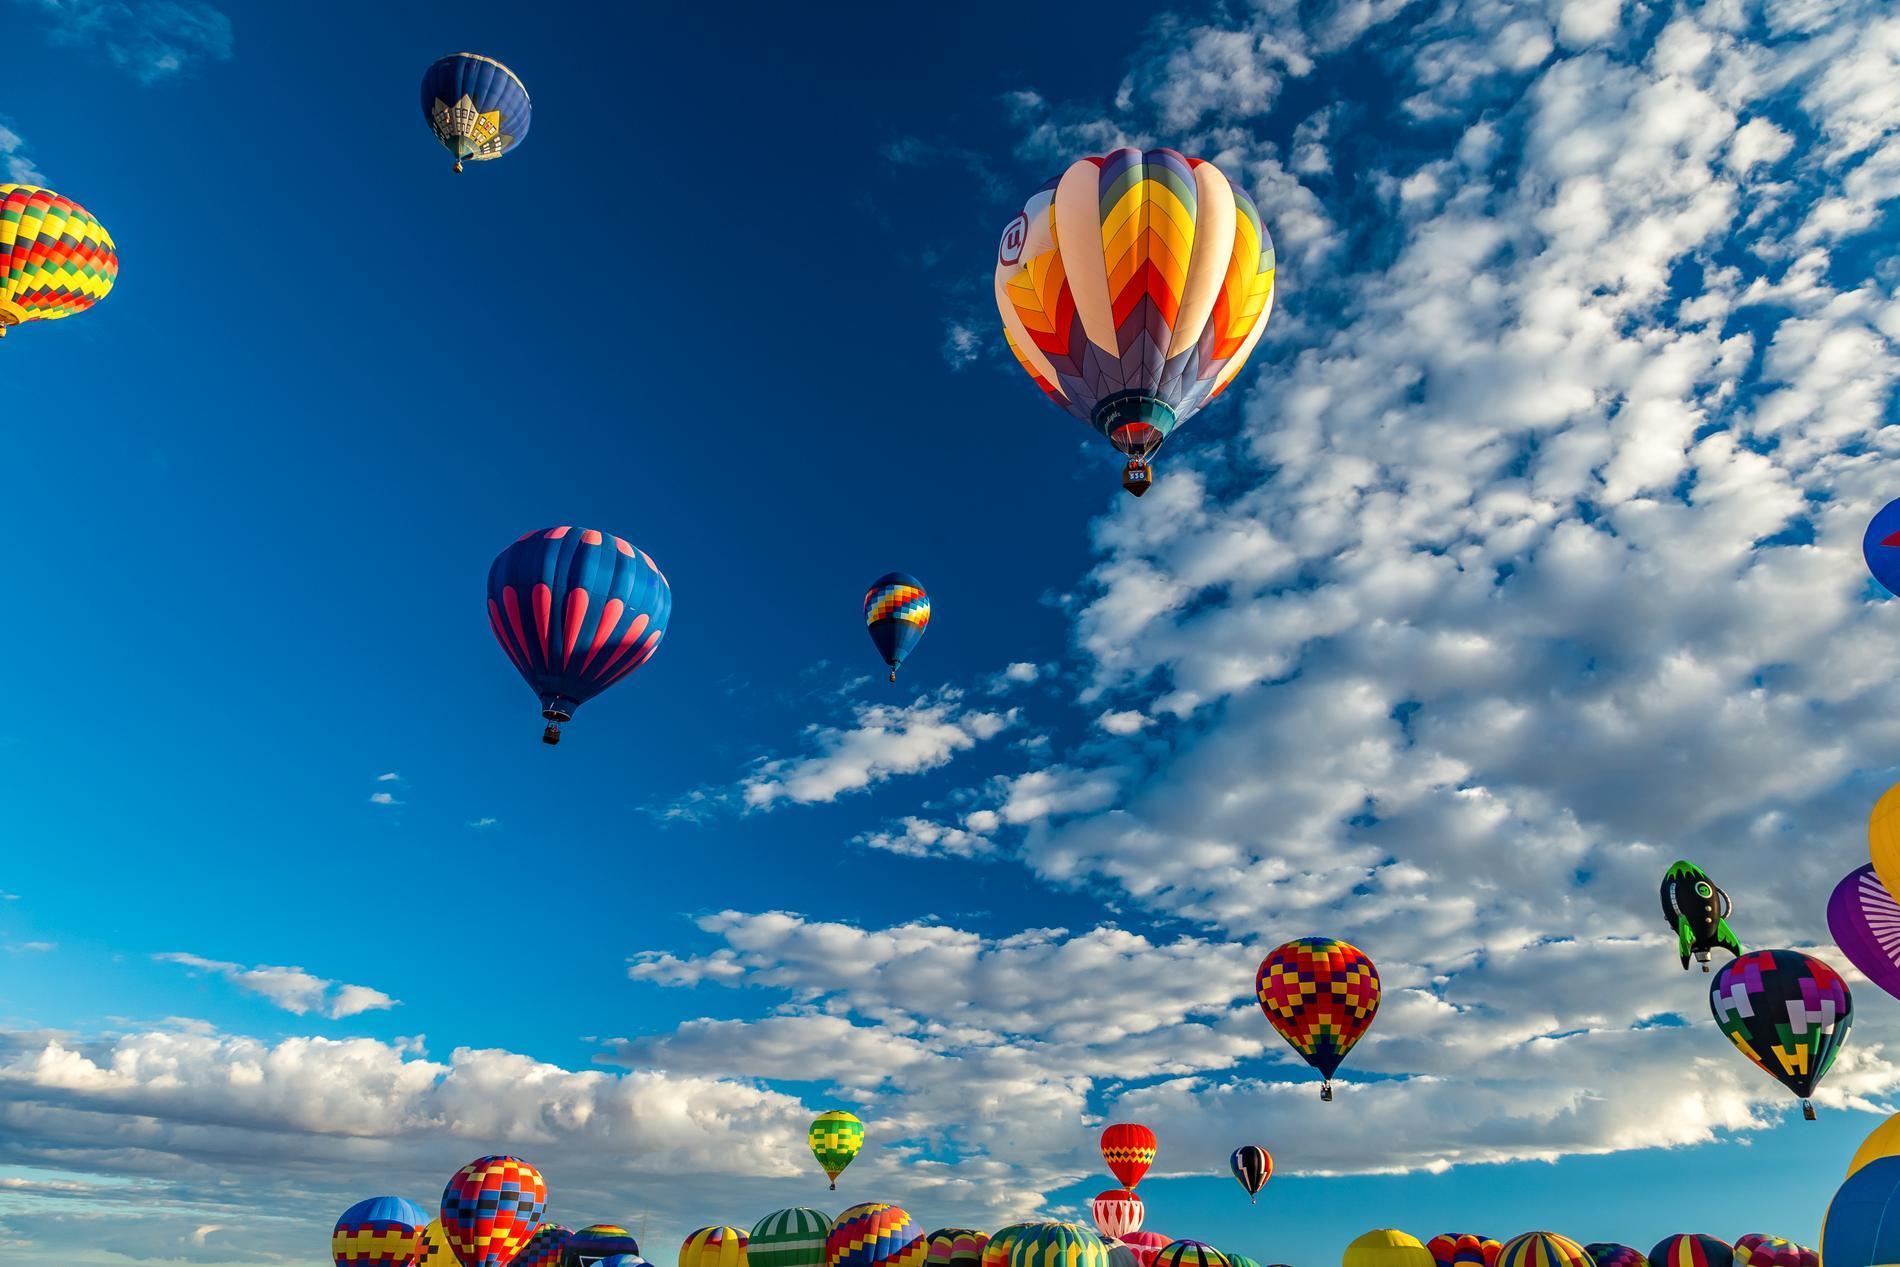 Såhär kan det se ut på The Albuquerque International Balloon Fiesta.